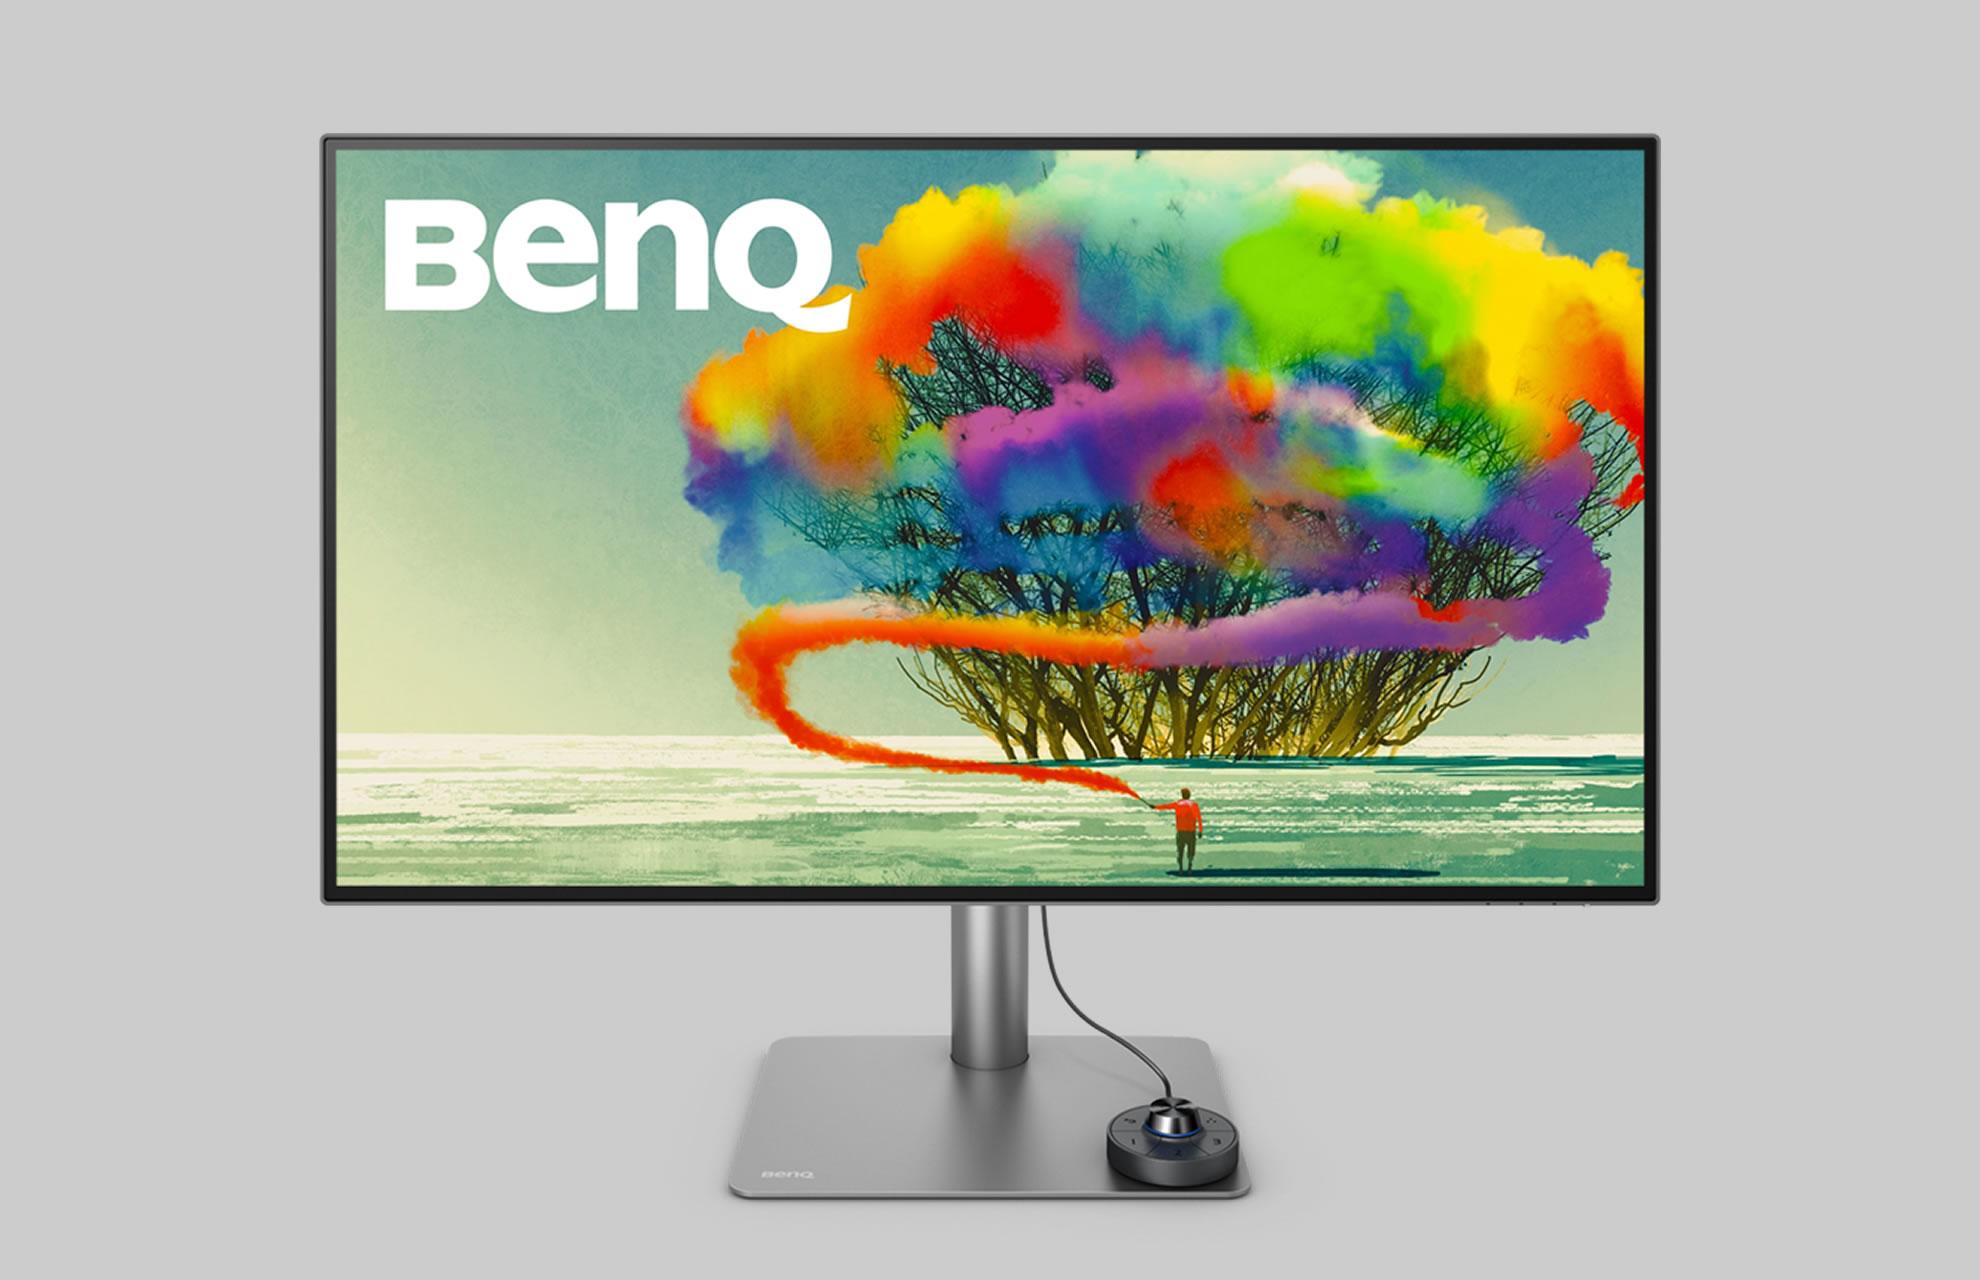 benq-pd3220u-monitor-4k-f